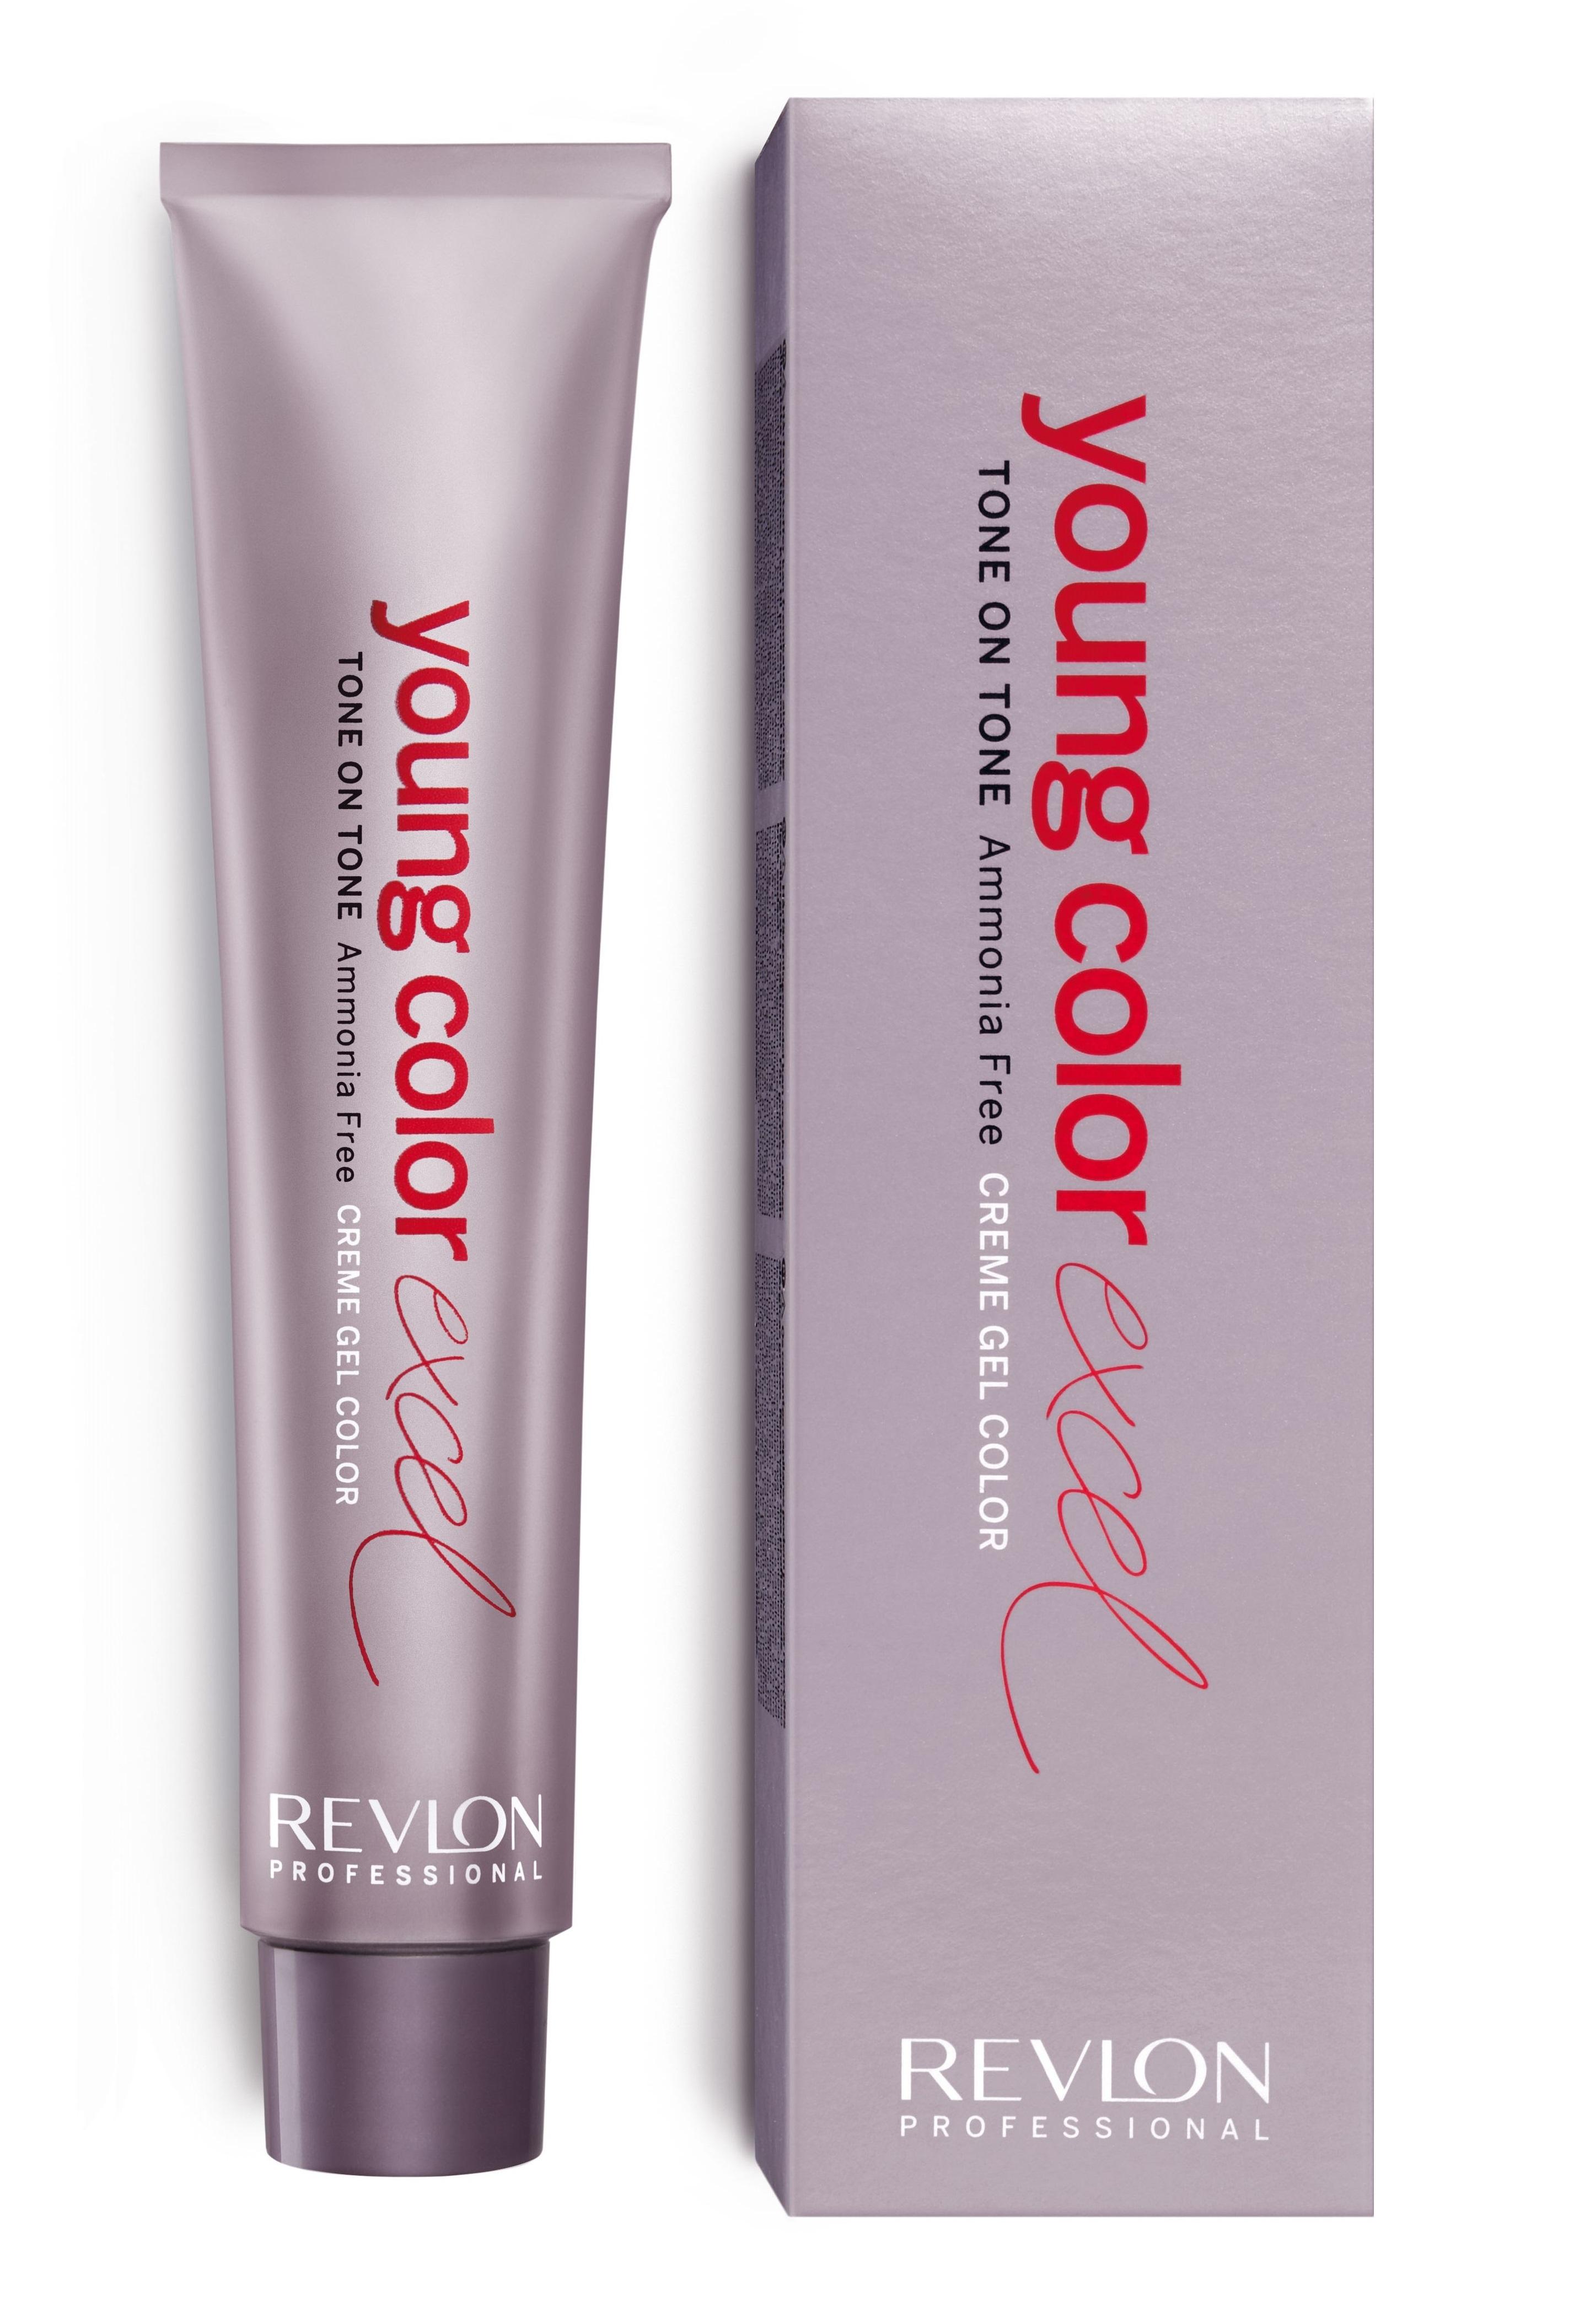 REVLON Professional 5-24 крем-гель полуперманентный, кофейный ореховый / YOUNG COLOR EXCEL 70 мл